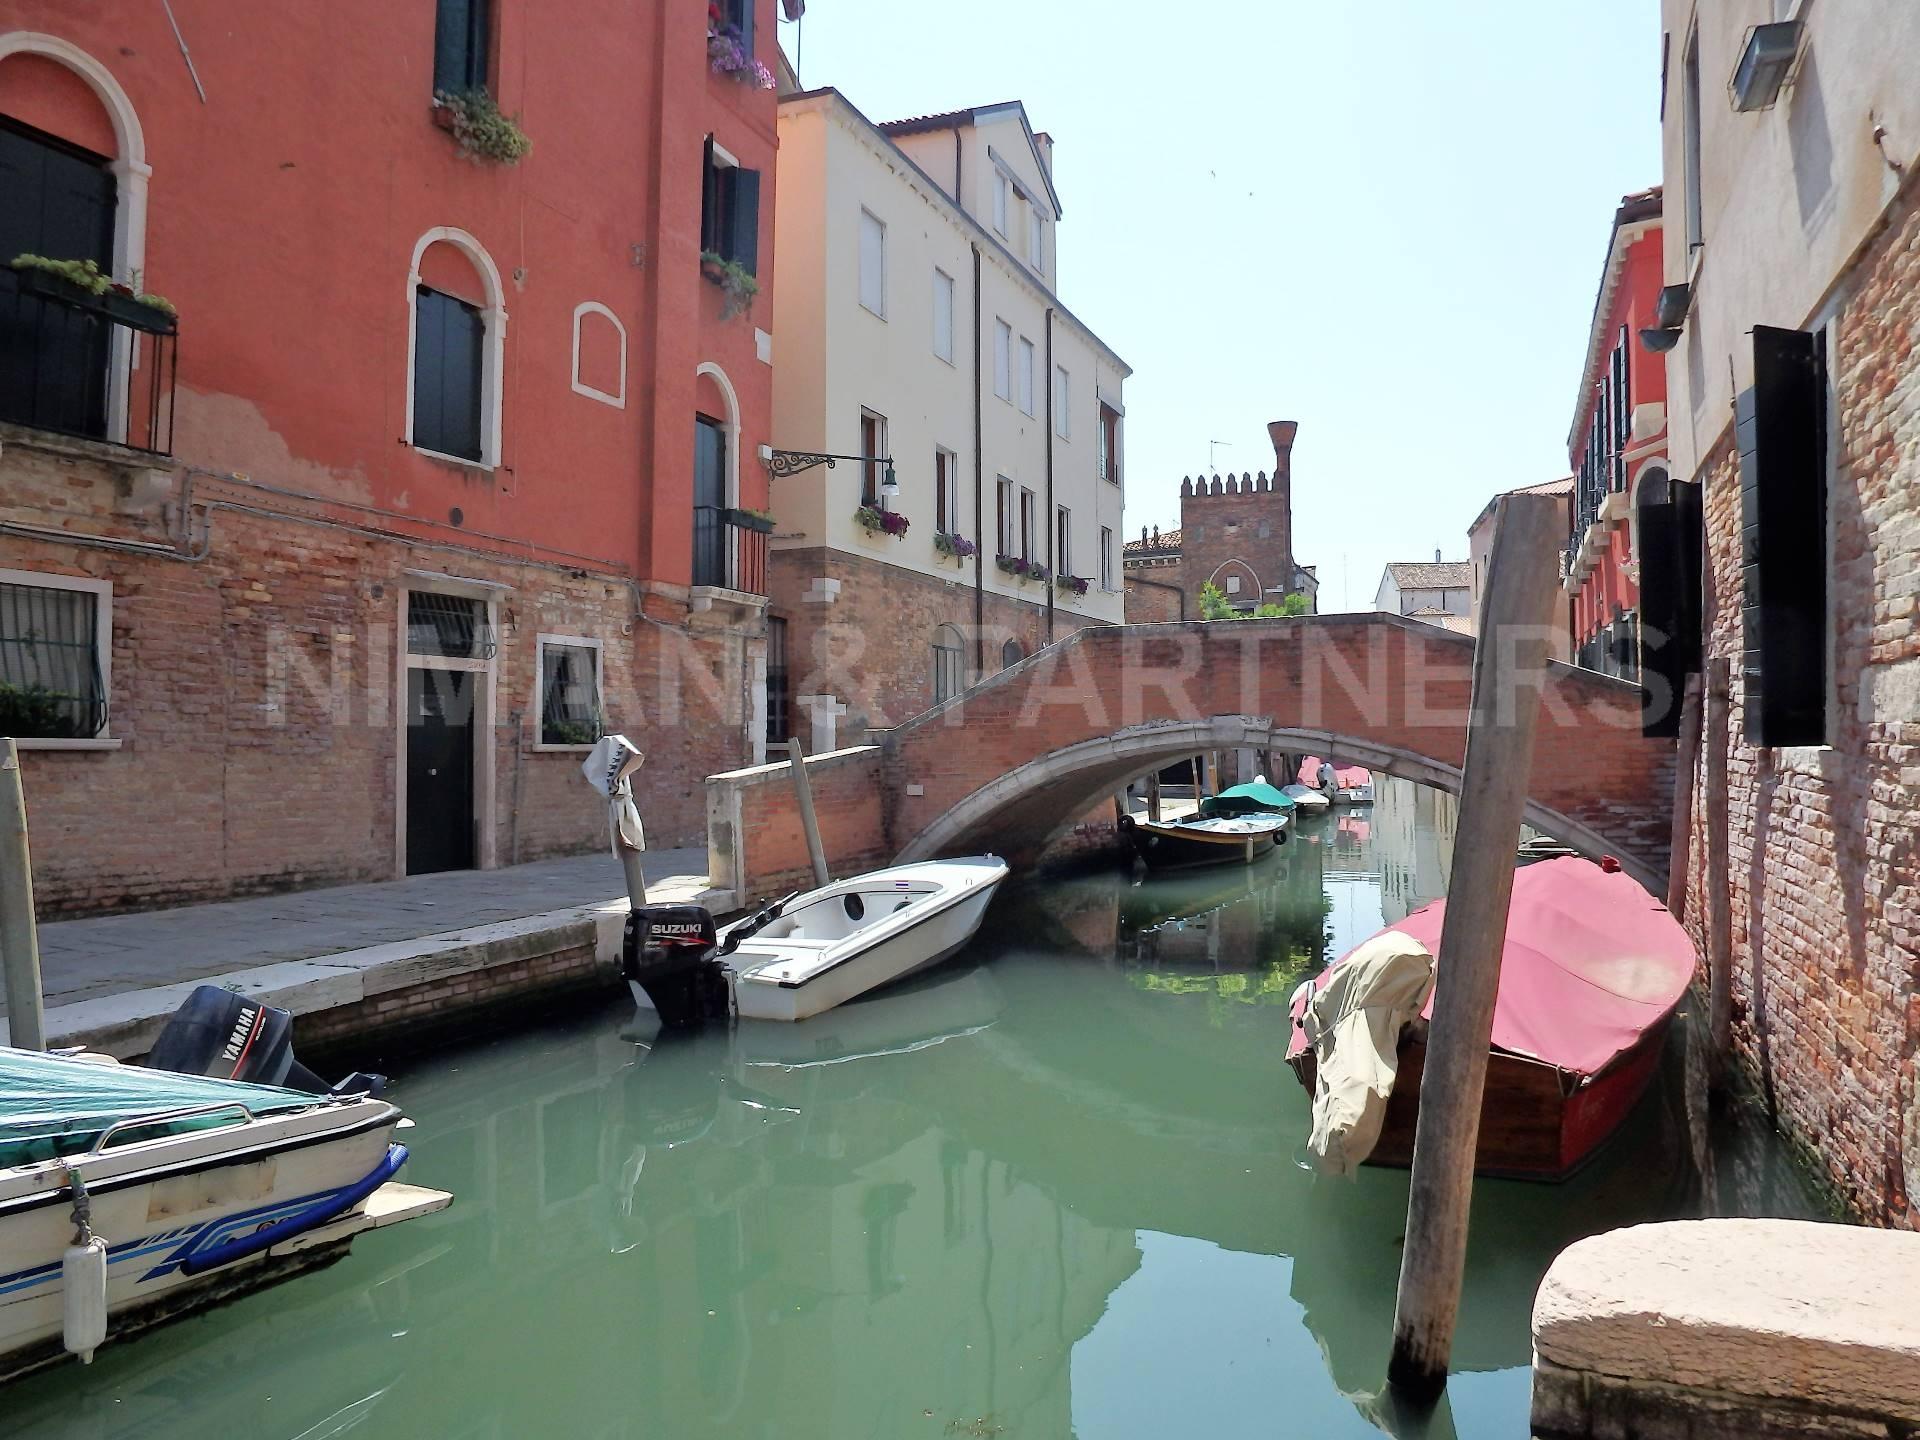 Appartamento in vendita a Venezia, 3 locali, zona Zona: 6 . Dorsoduro, prezzo € 758.170   Cambio Casa.it